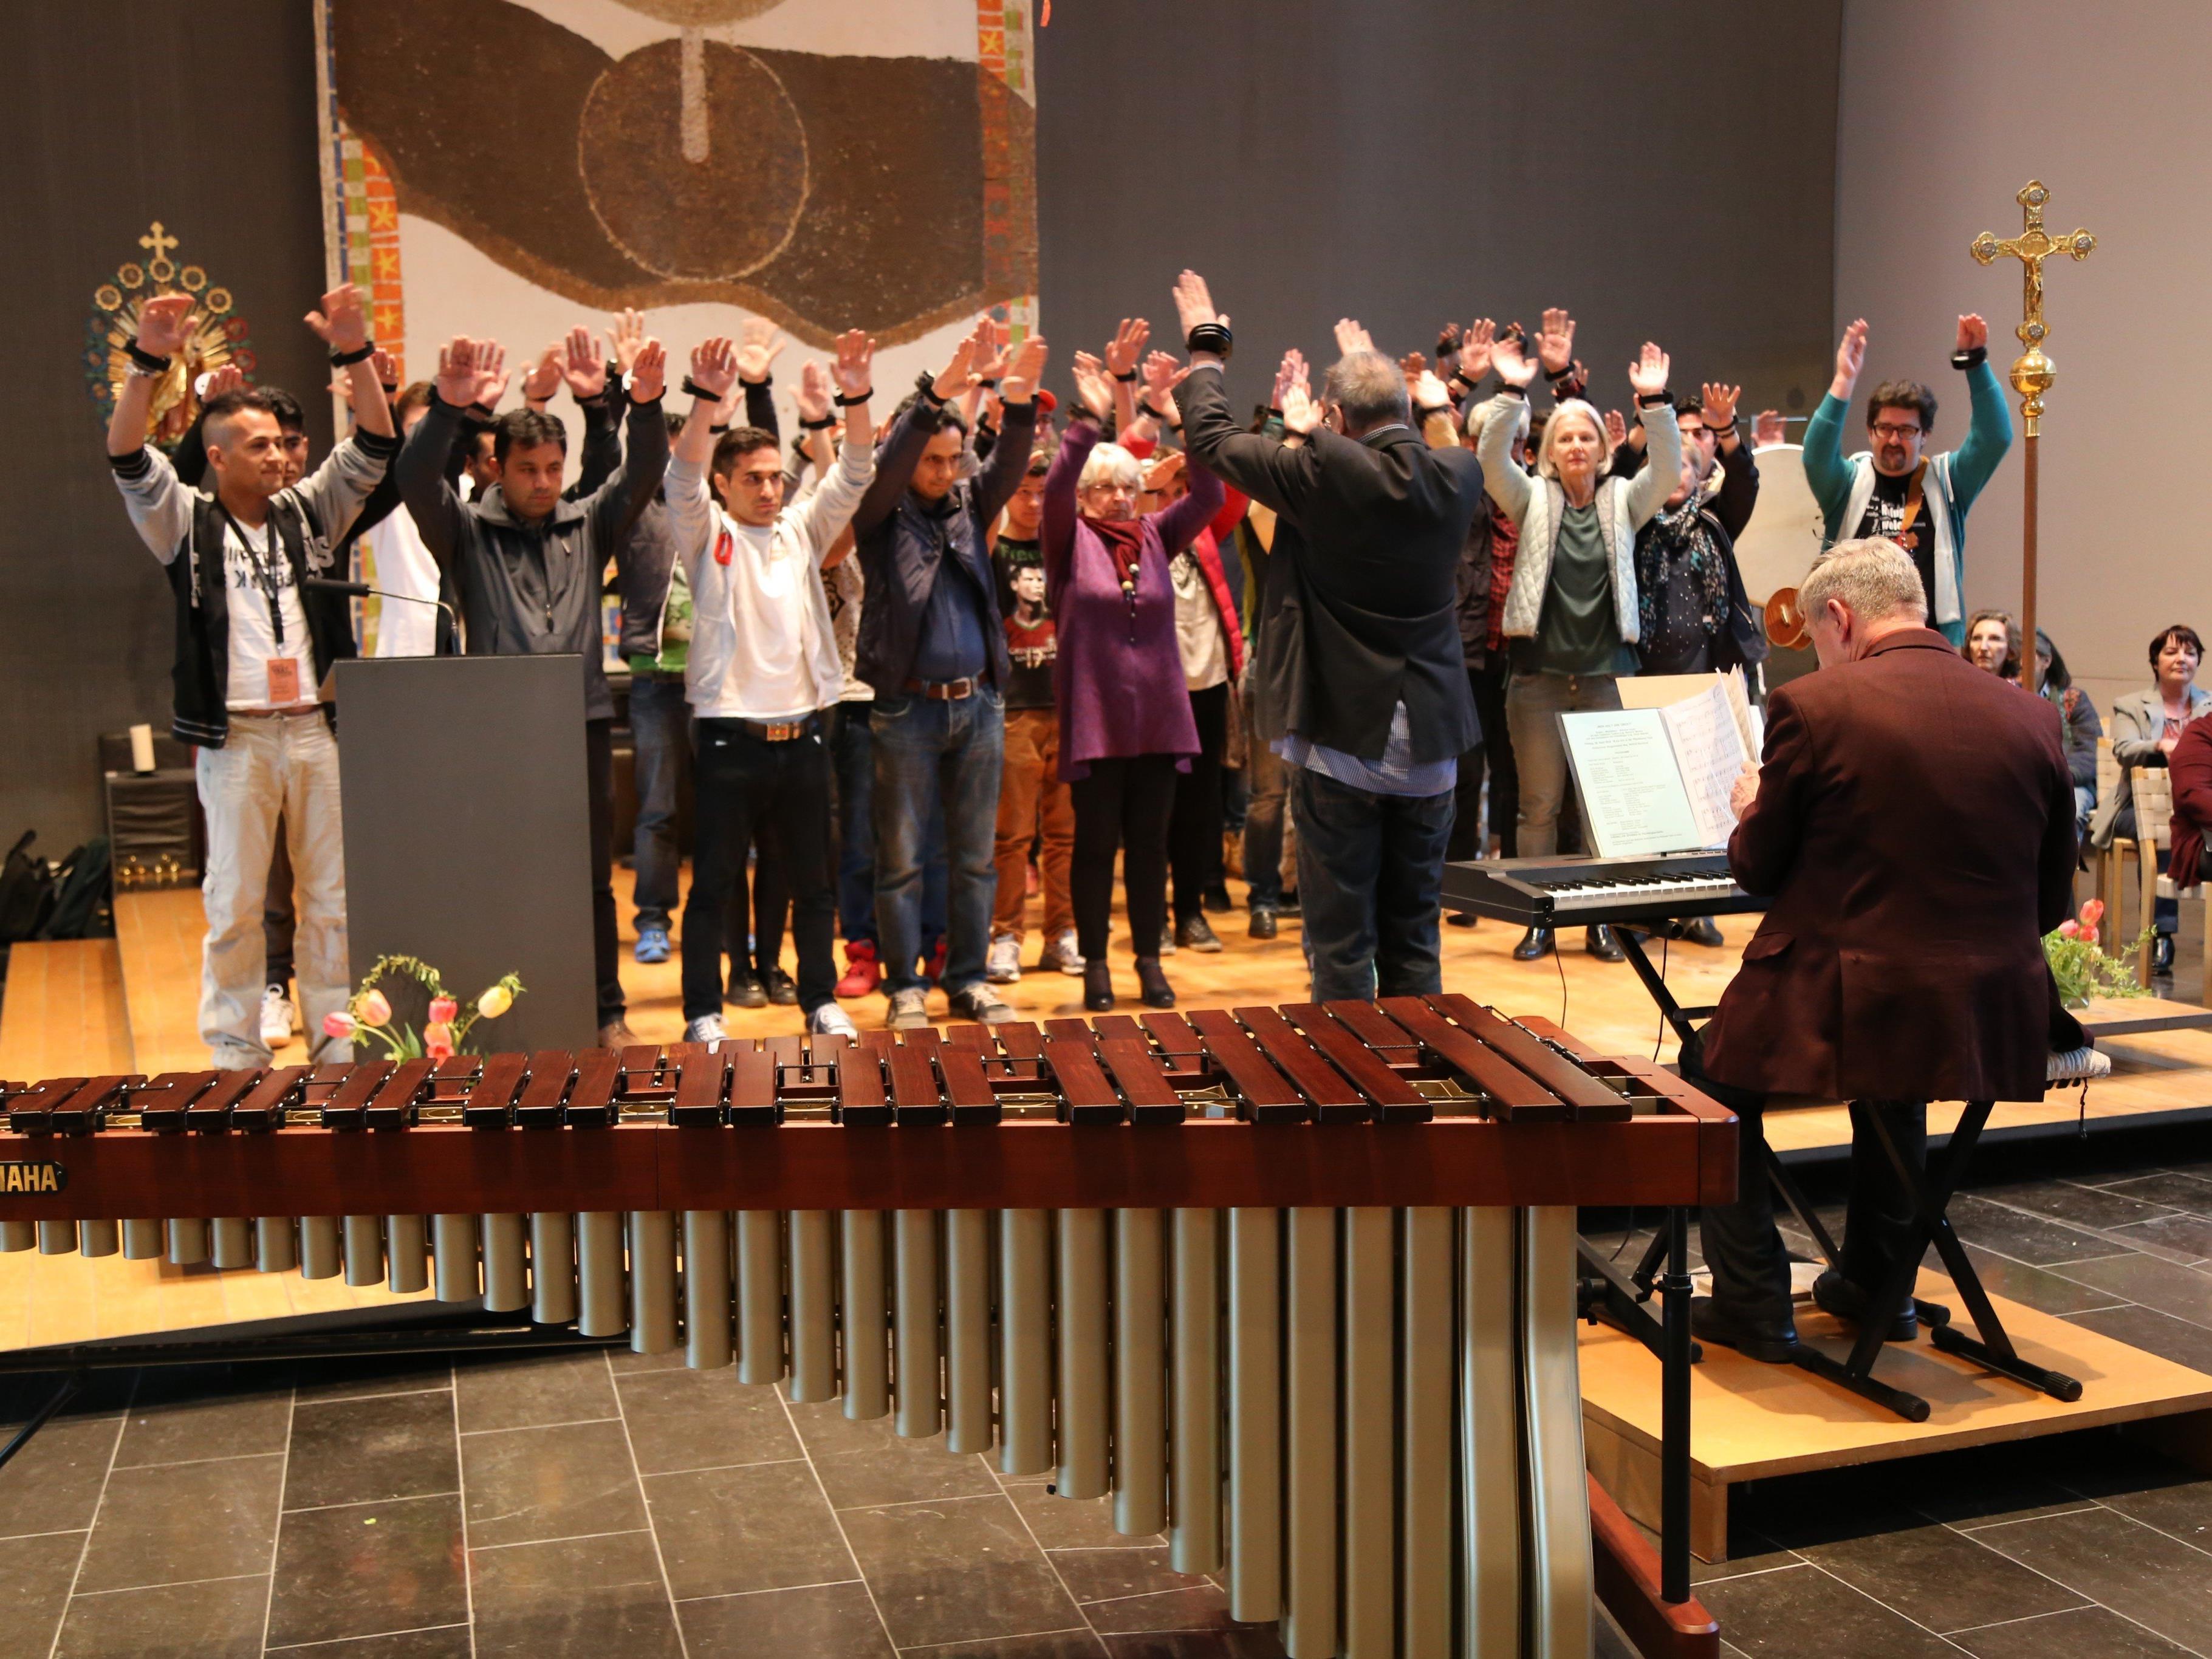 Das gemeinsame Konzert in der Pfarrkirche schweißte die Musikbegeisterte fester zusammen.